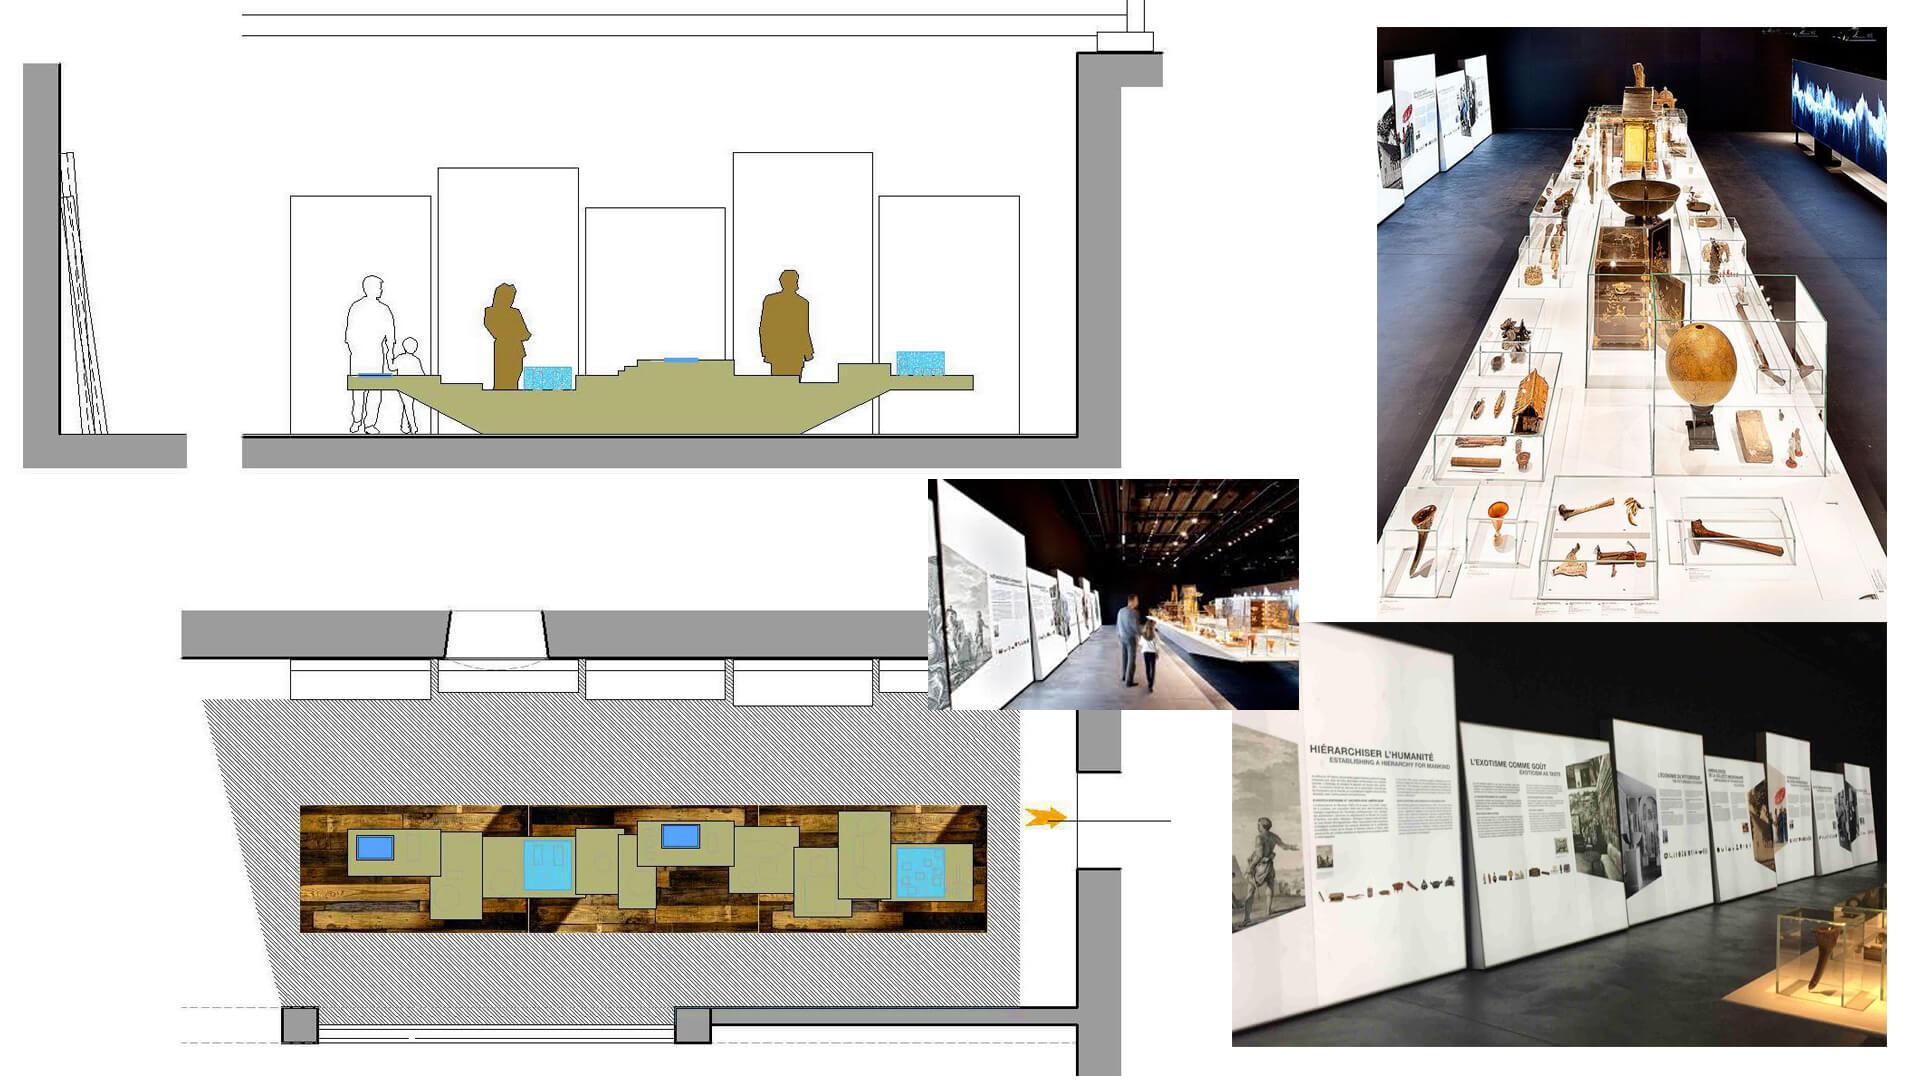 Felberturmmuseum-Mittersill_1